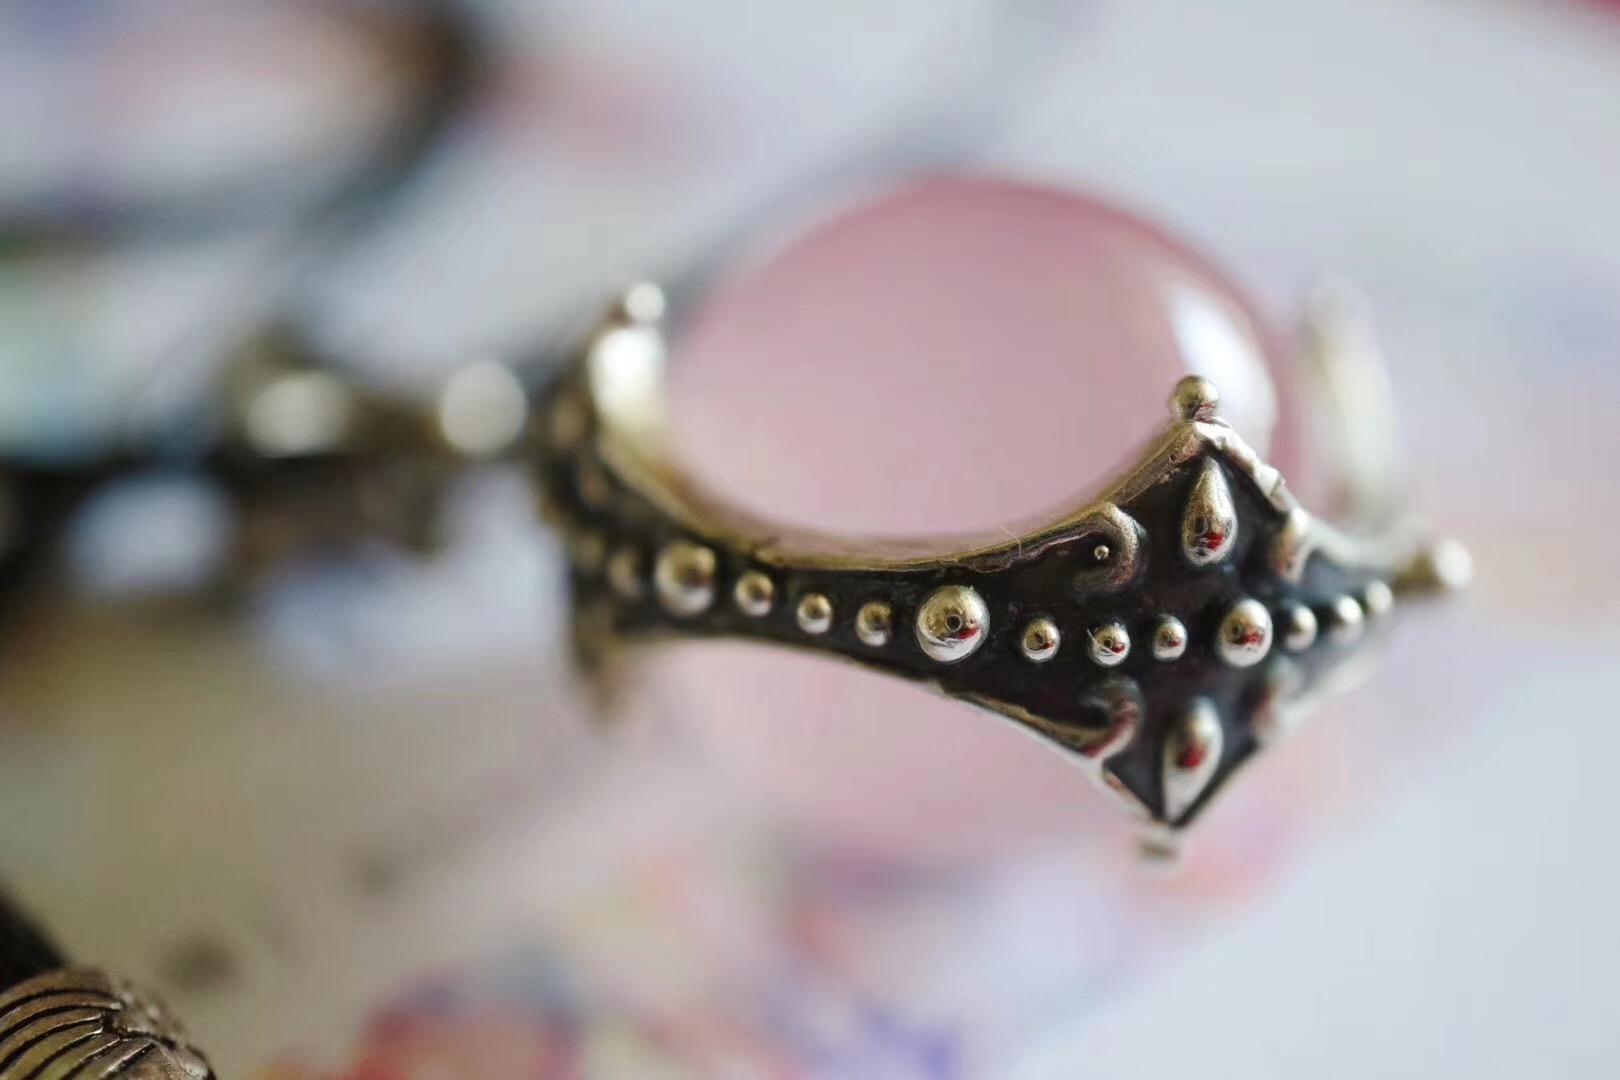 【粉晶】奉上一枚粉晶转运大珠珠~~粉晶-菩心晶舍